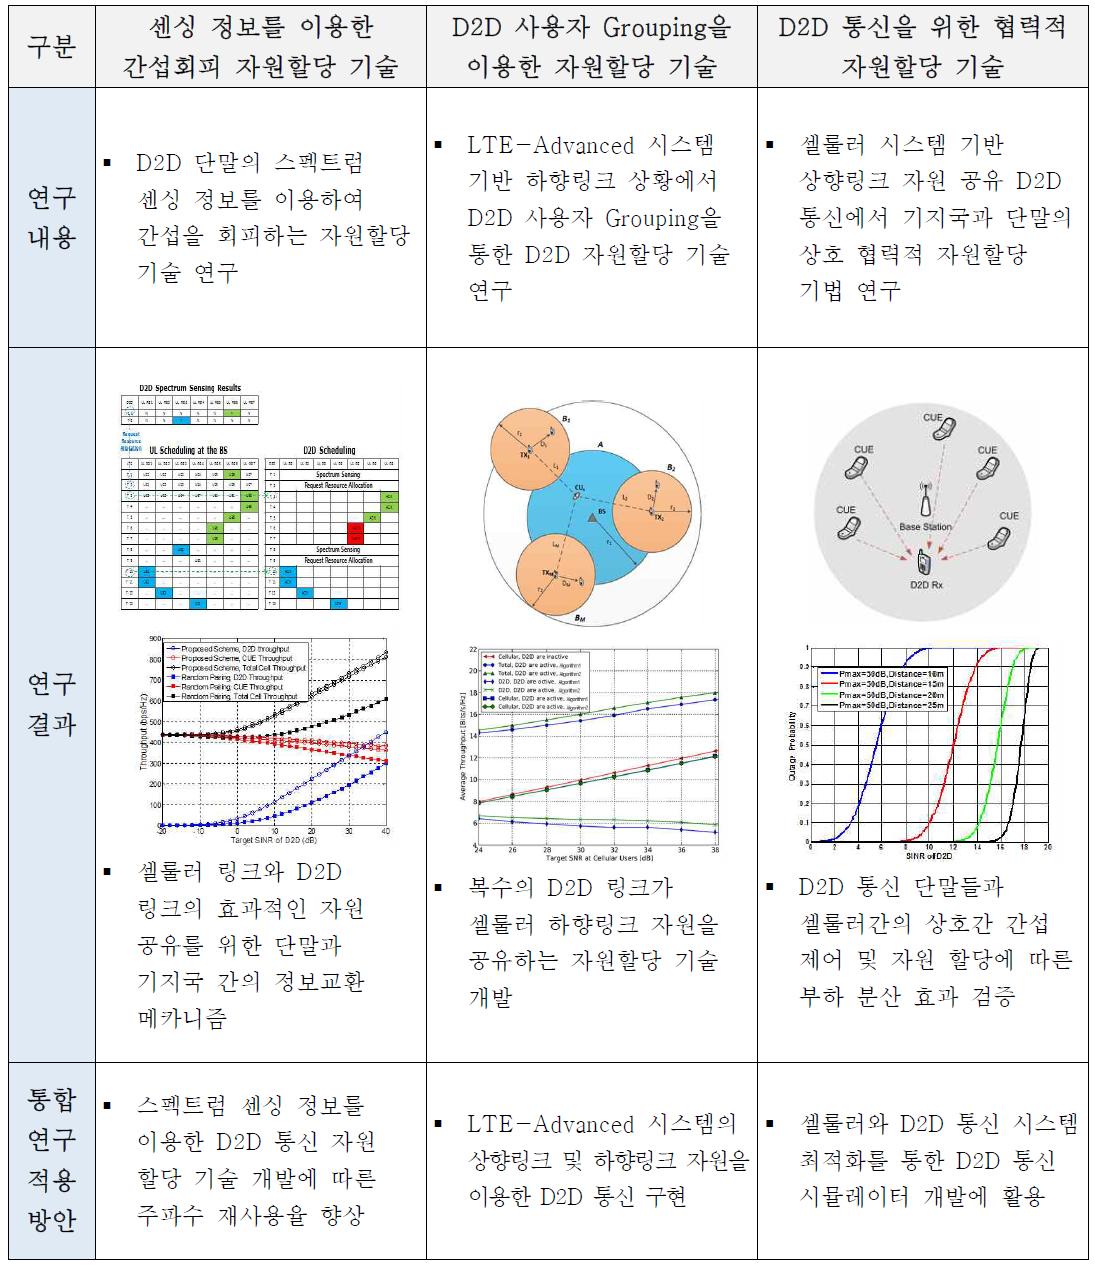 제2세부 연구부 당해연도 연구추진 내역(셀룰러 기반 D2D)